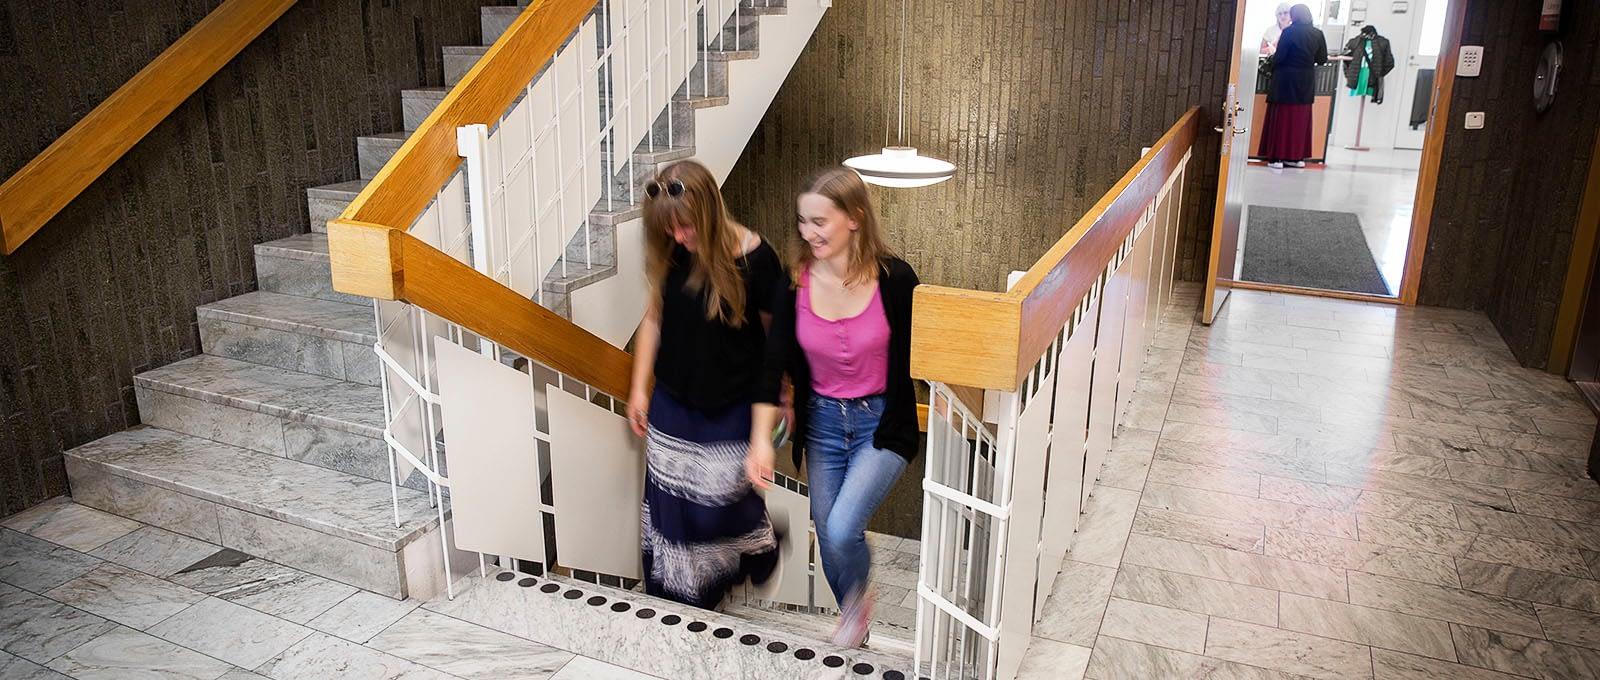 Två personer går i en trappa